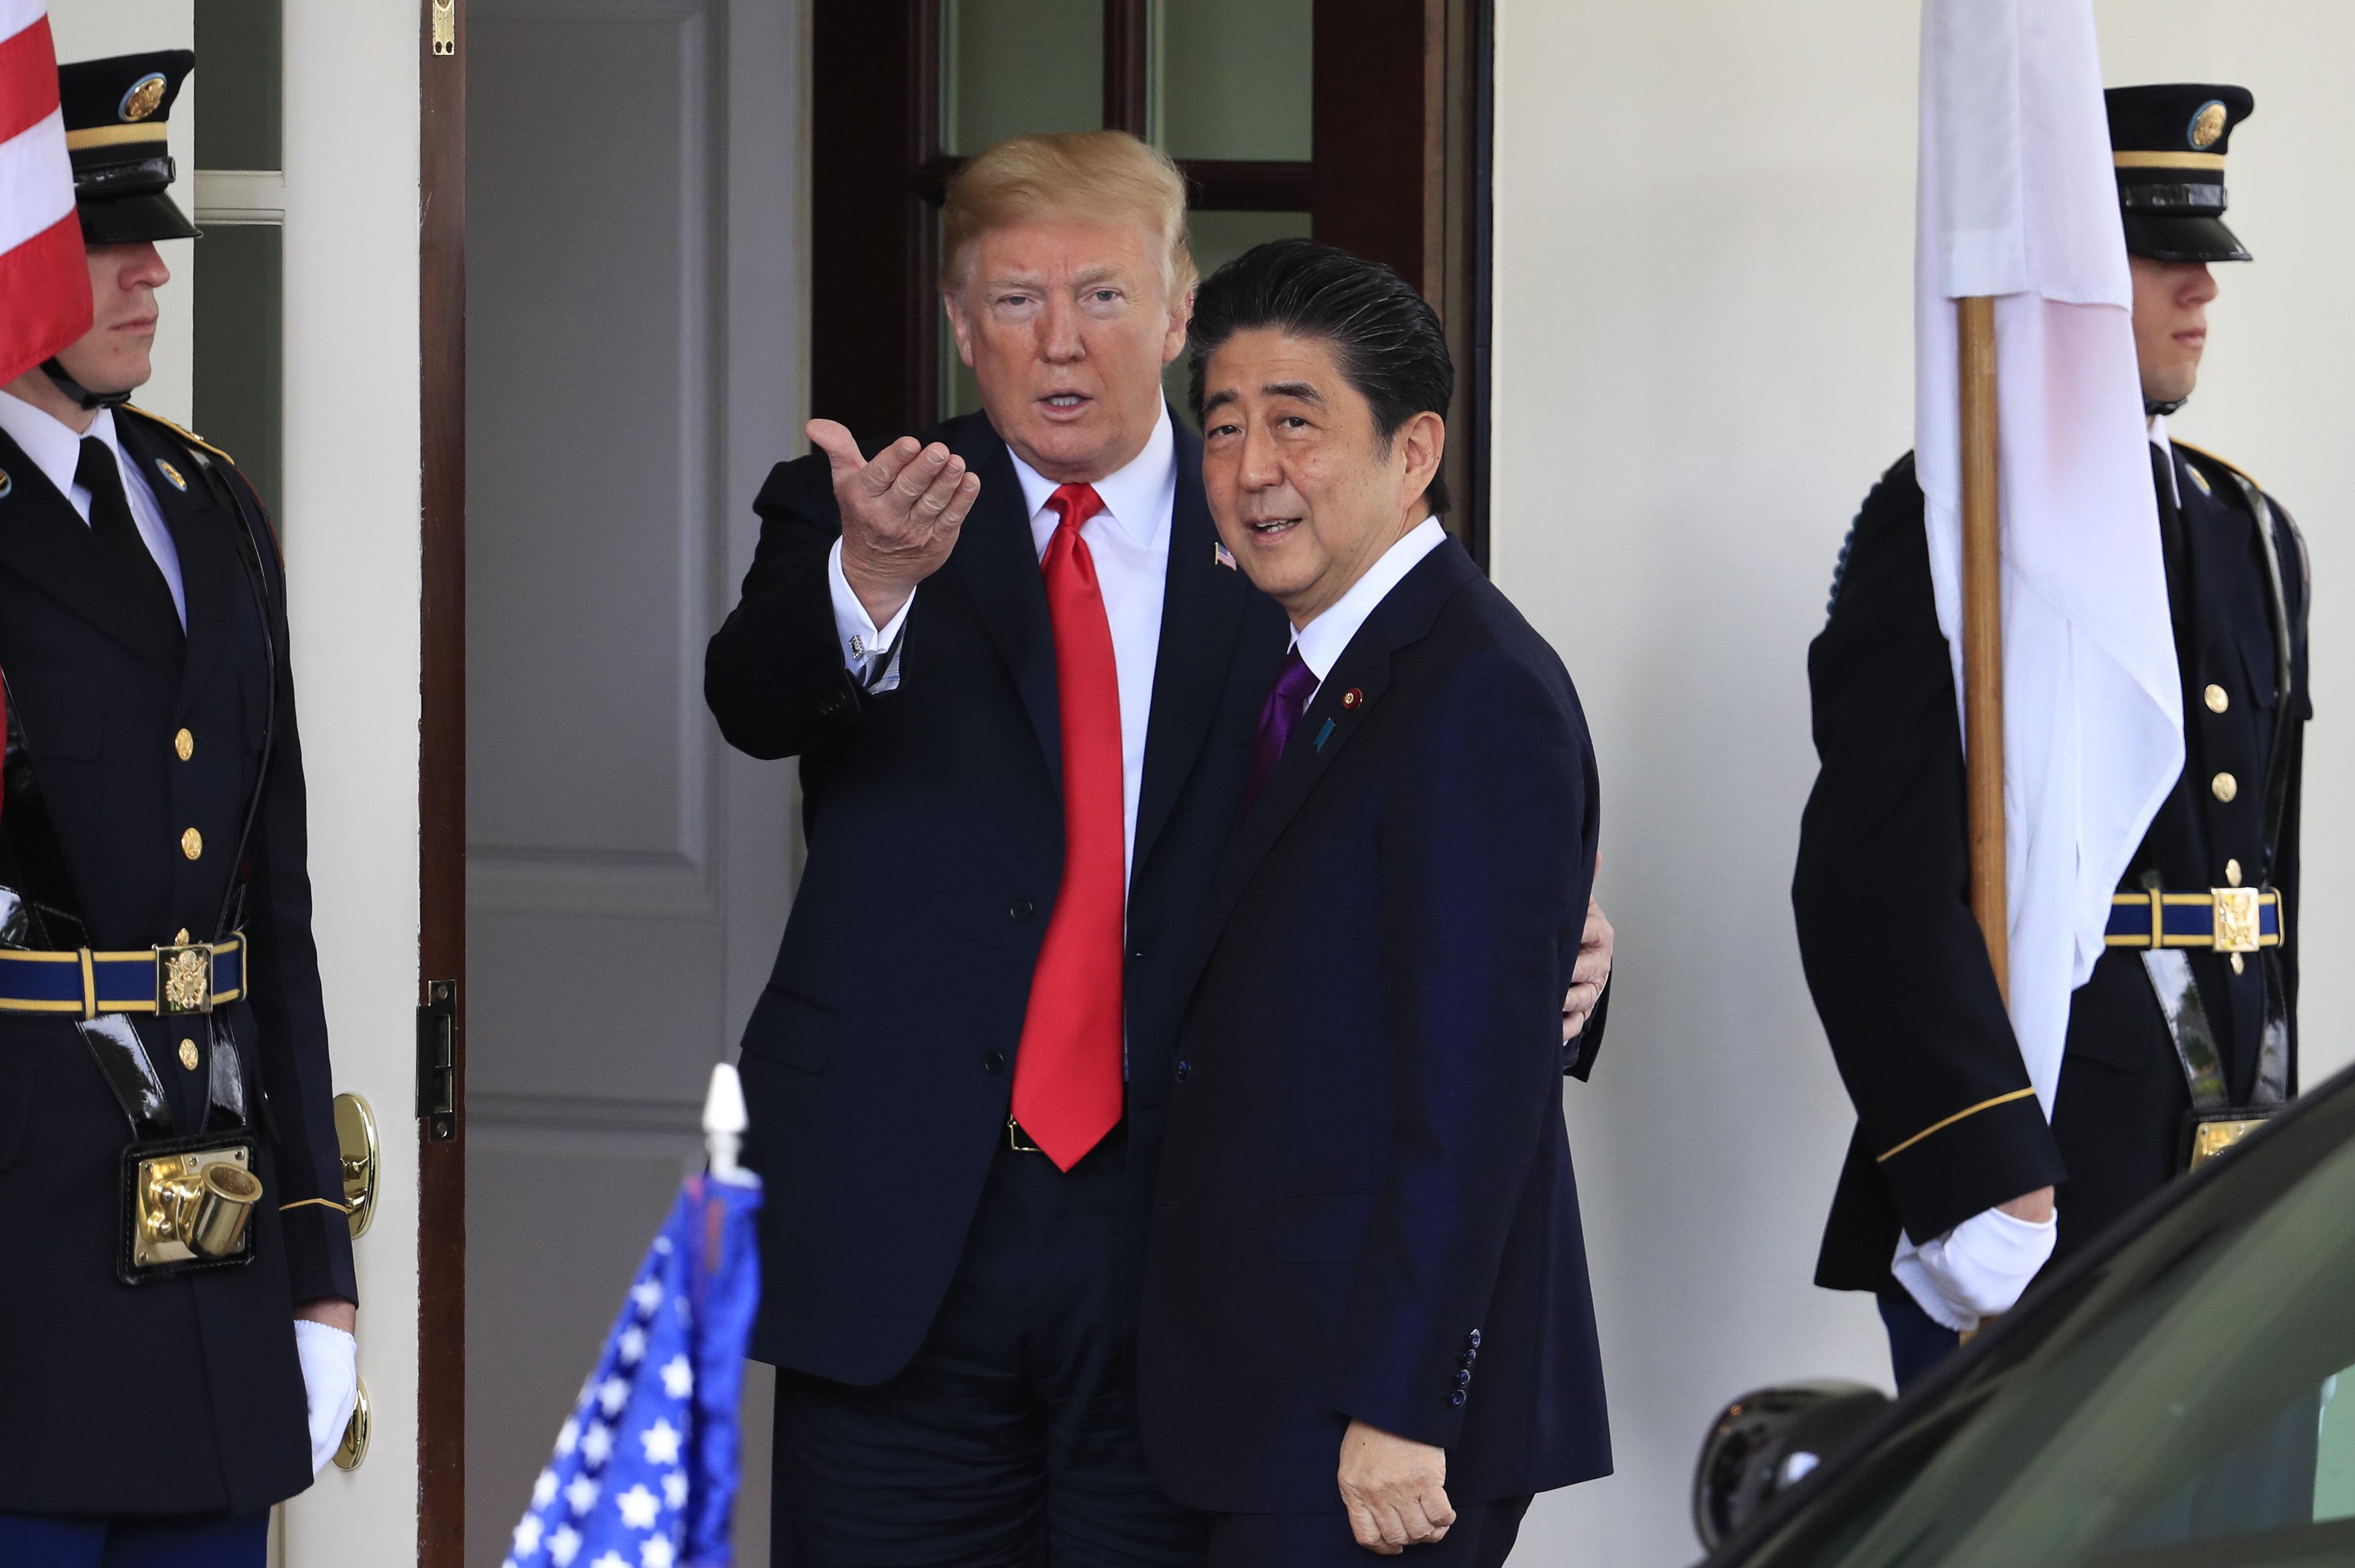 Japan's Leader Nominated Trump For Nobel Prize At Washington's Urging: Report